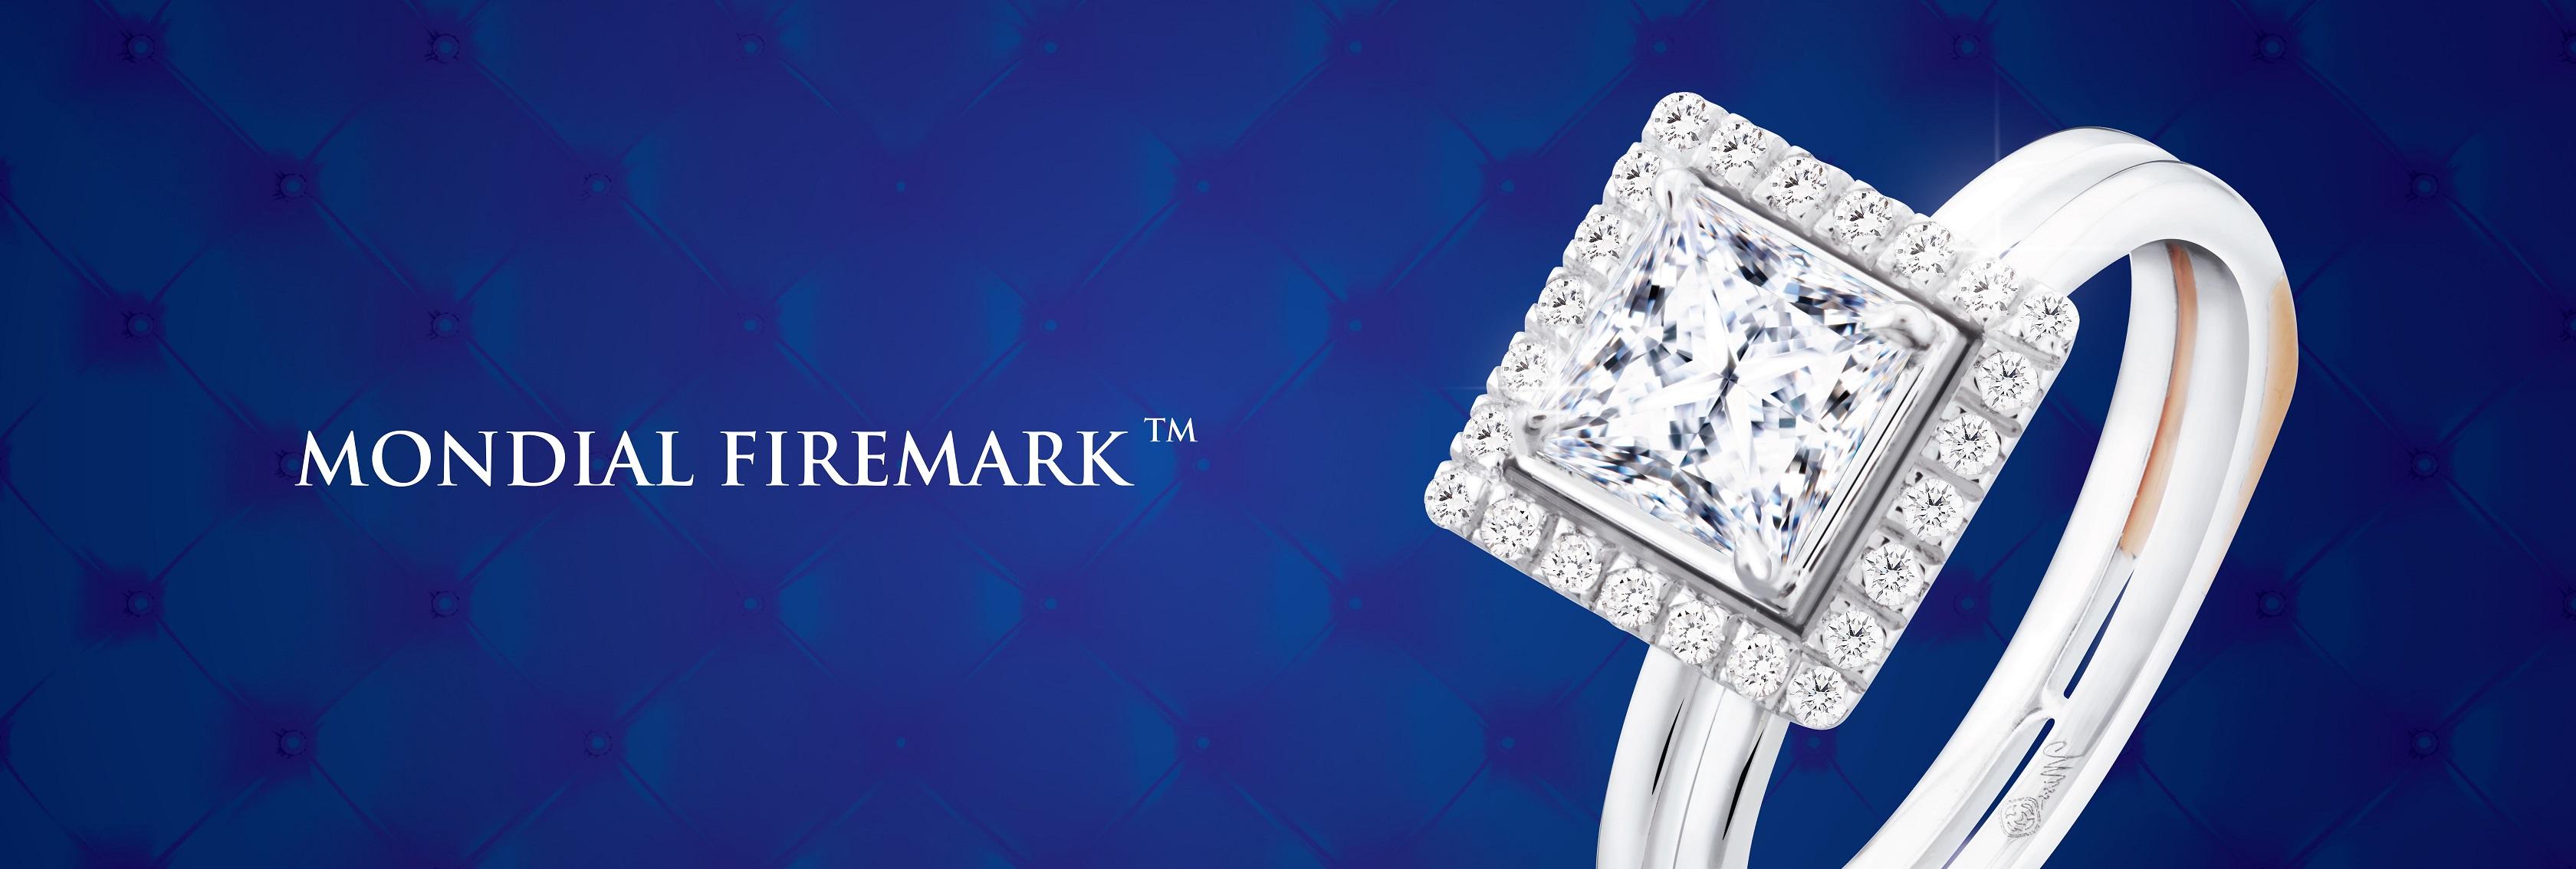 Tips Menggunakan Mondial Firemark Agar Lebih Elegan